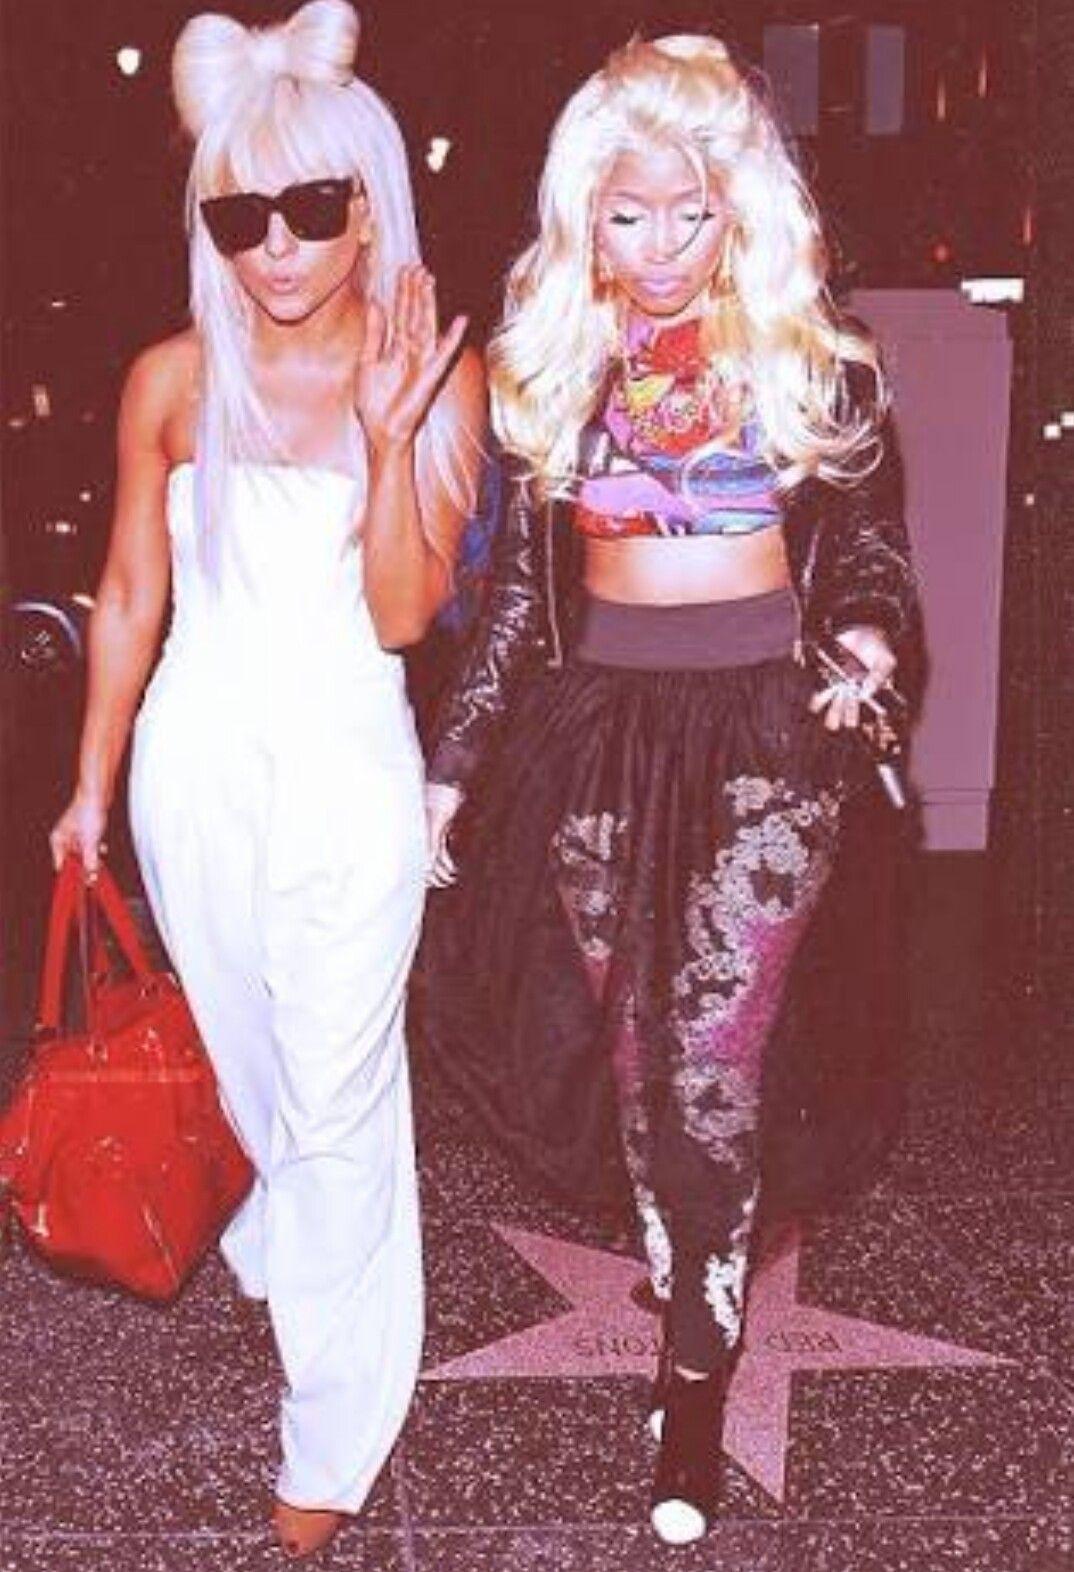 74c243790681 Lady Gaga and Nicki Minaj